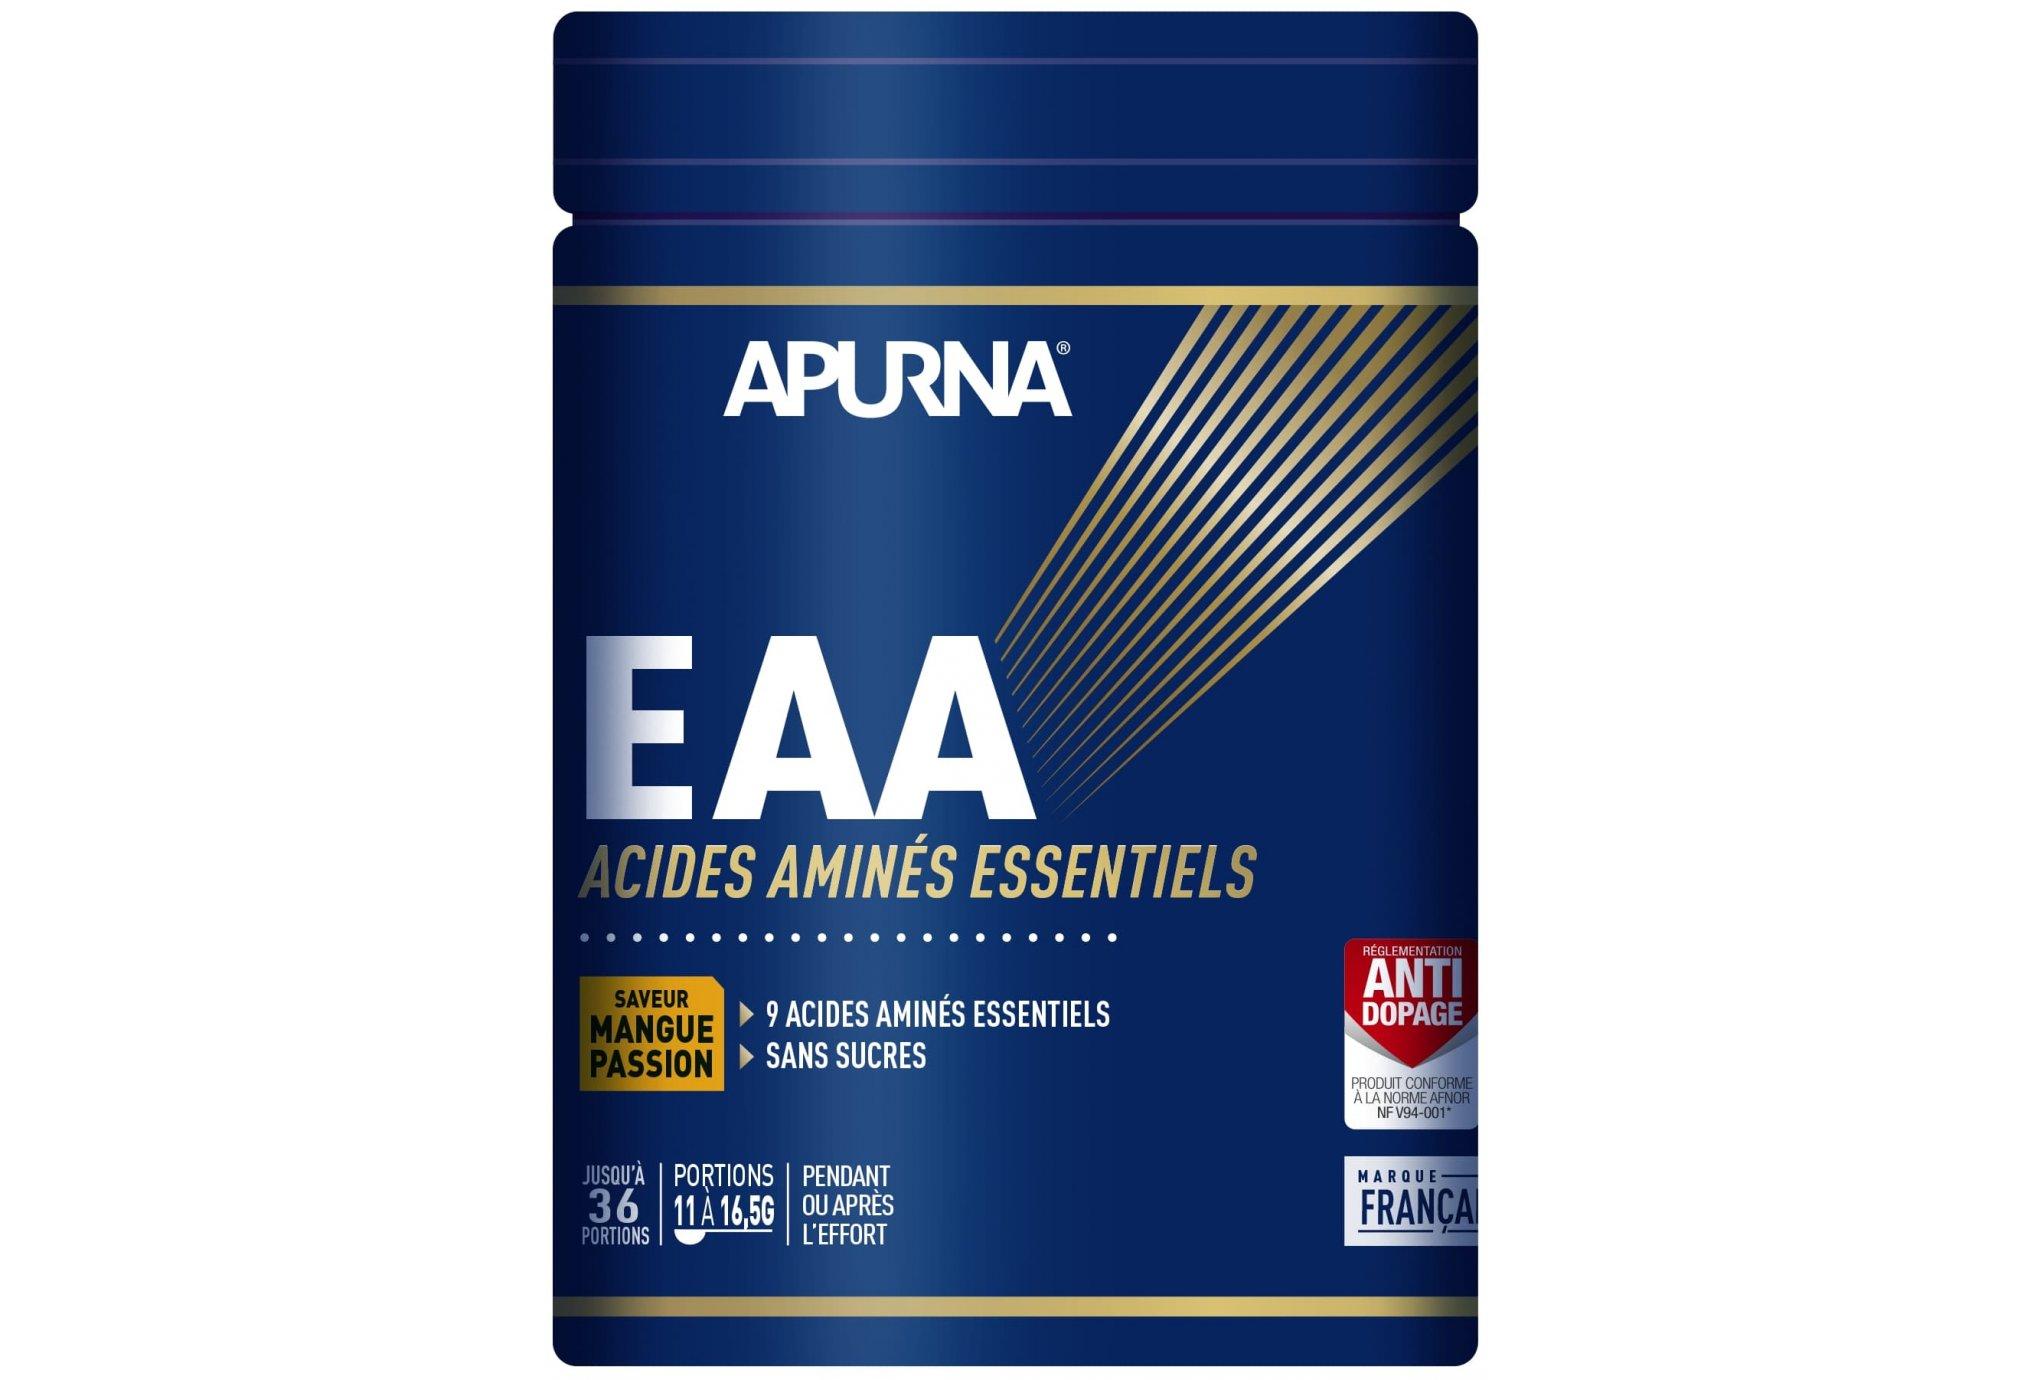 Apurna EAA - Mangue Passion - 400 g Diététique Protéines / récupération